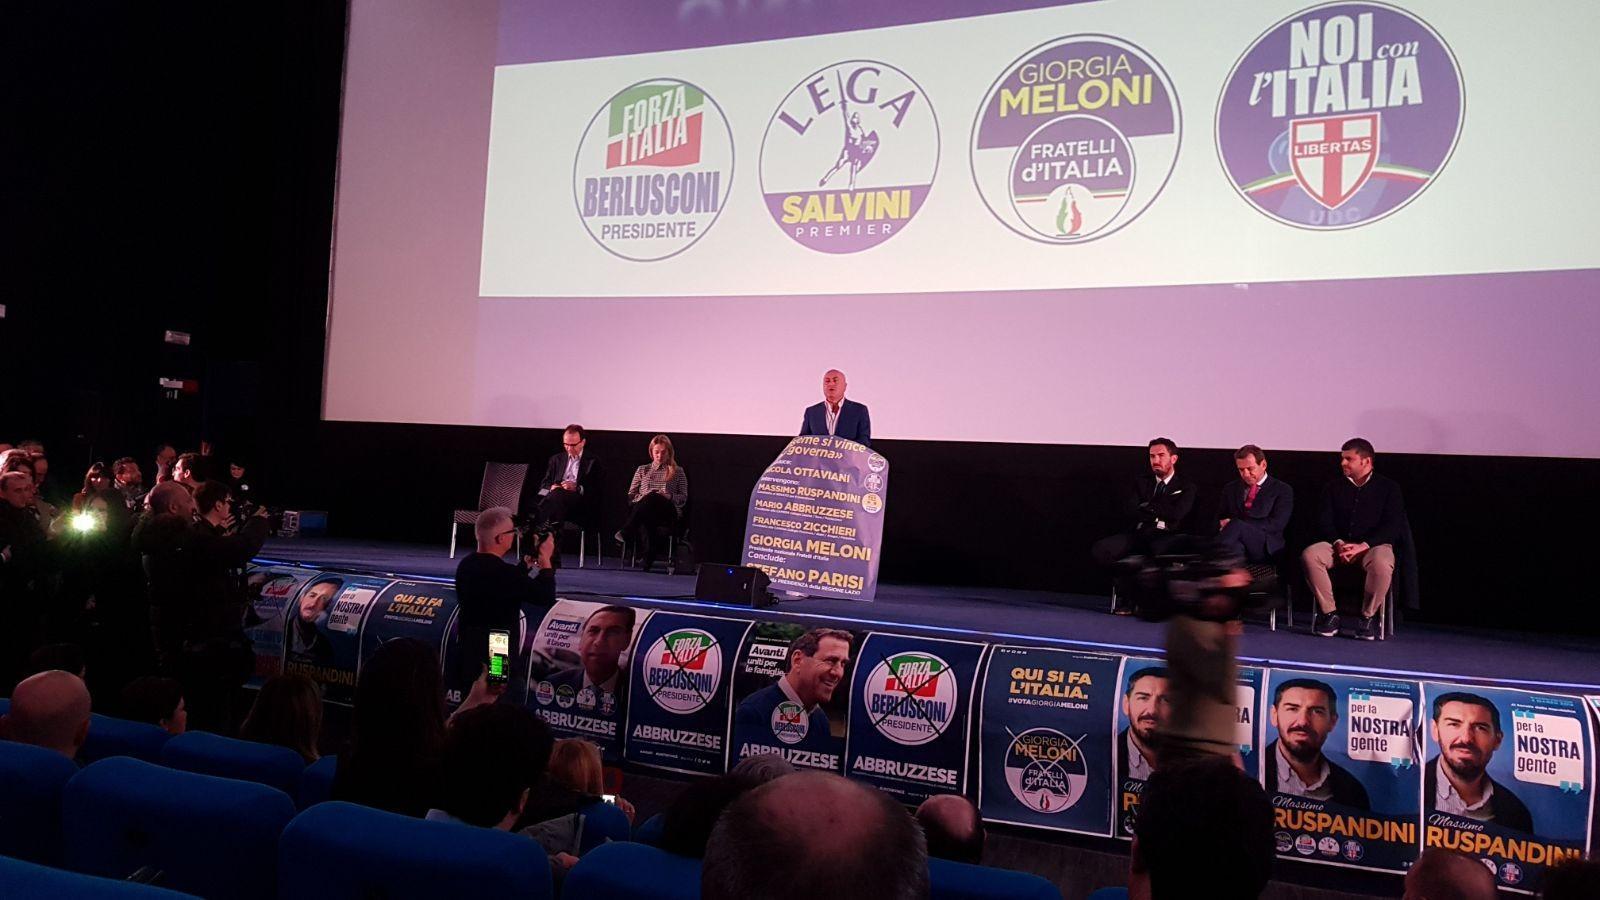 Giorgia Meloni tenta di raccattare voti cavalcando truffe culturali